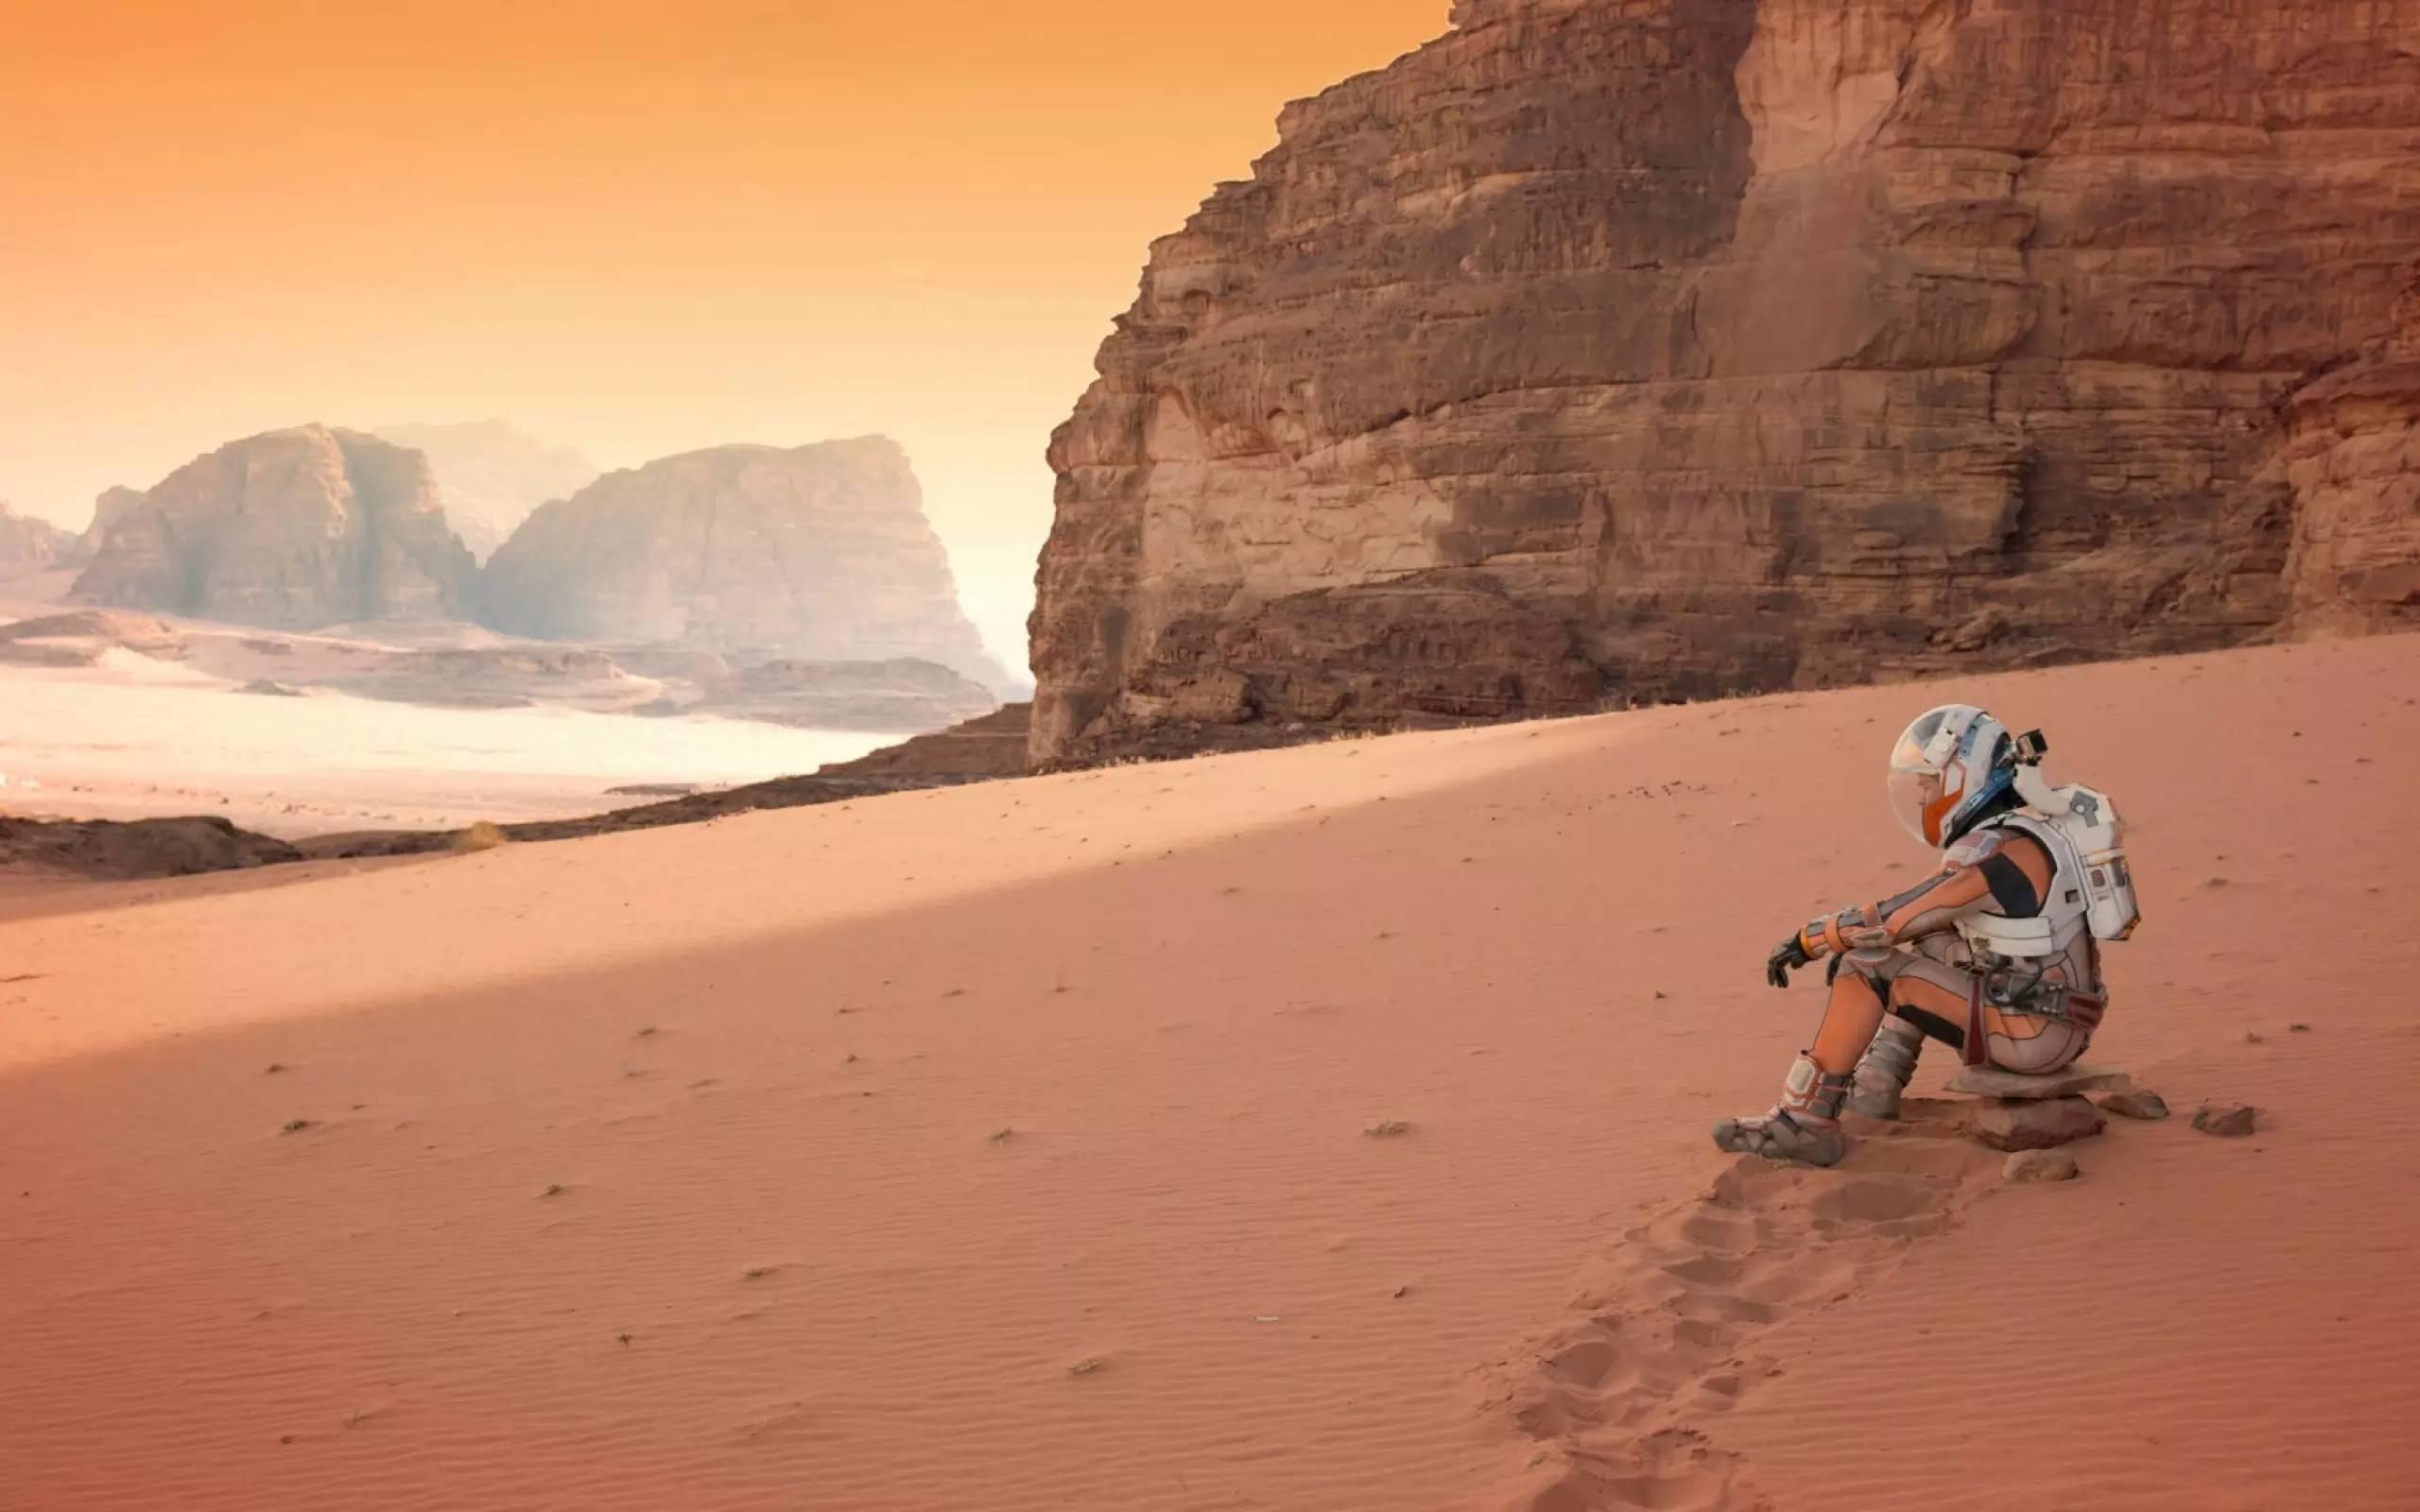 火星将迎来第一架无人机 震撼的上帝视角要来了